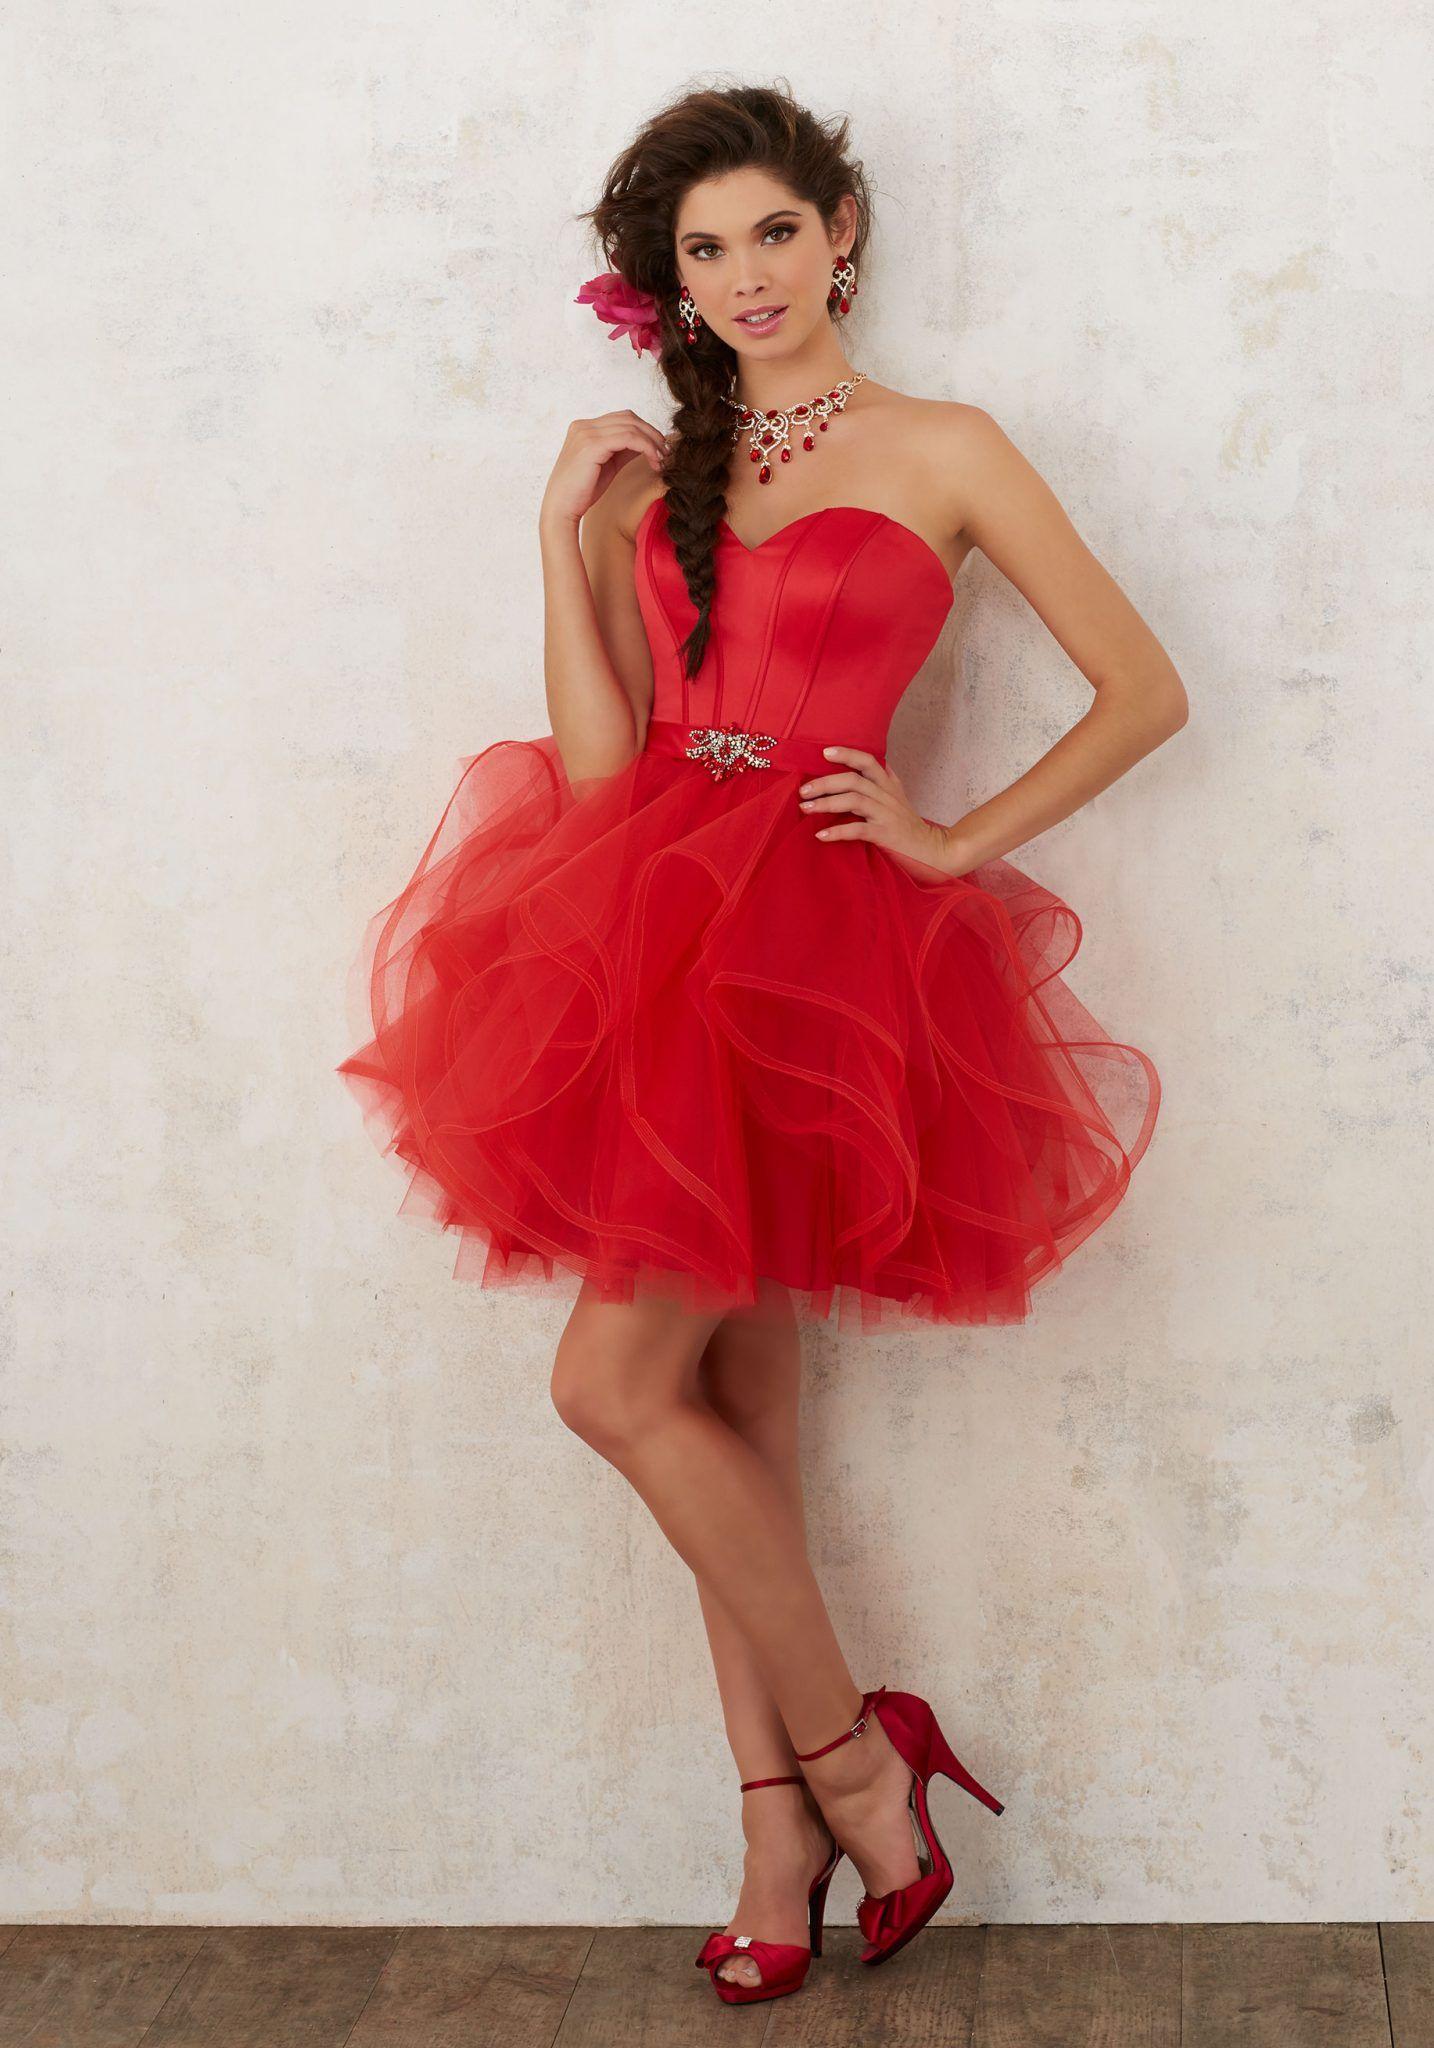 2020 Klos Abiye Elbise Kisa Gece Elbiseleri Kirmizi Straplez Kabarik Tul Etek Beli Kemerli Quinceanera Dresses The Dress Mezunlar Gecesi Elbiseleri